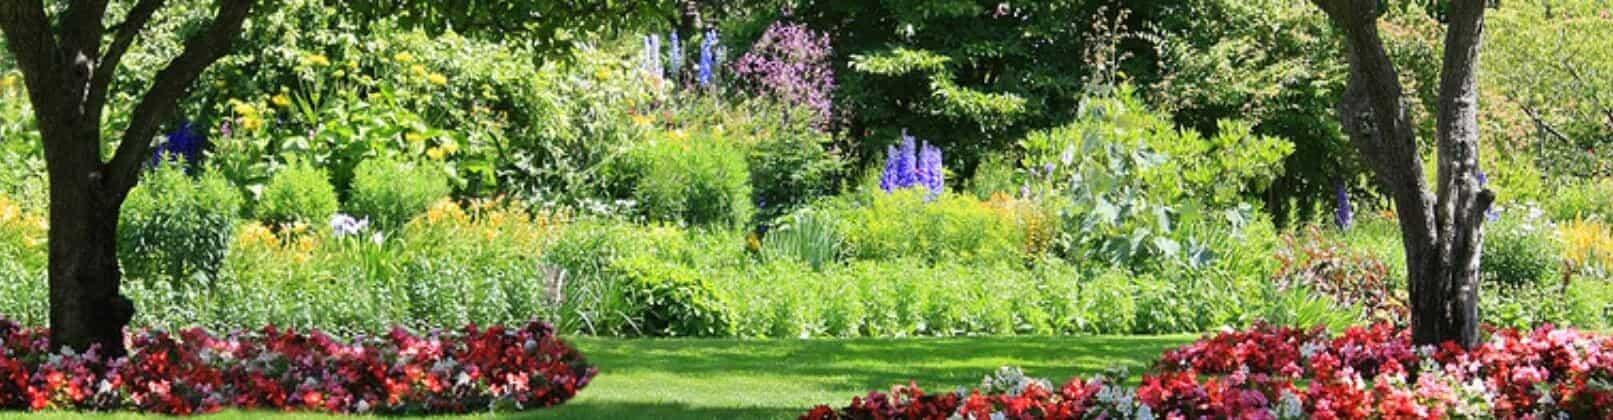 C mo debe ser un servicio de jardiner a para ser perfecto - Jardines sin mantenimiento ...